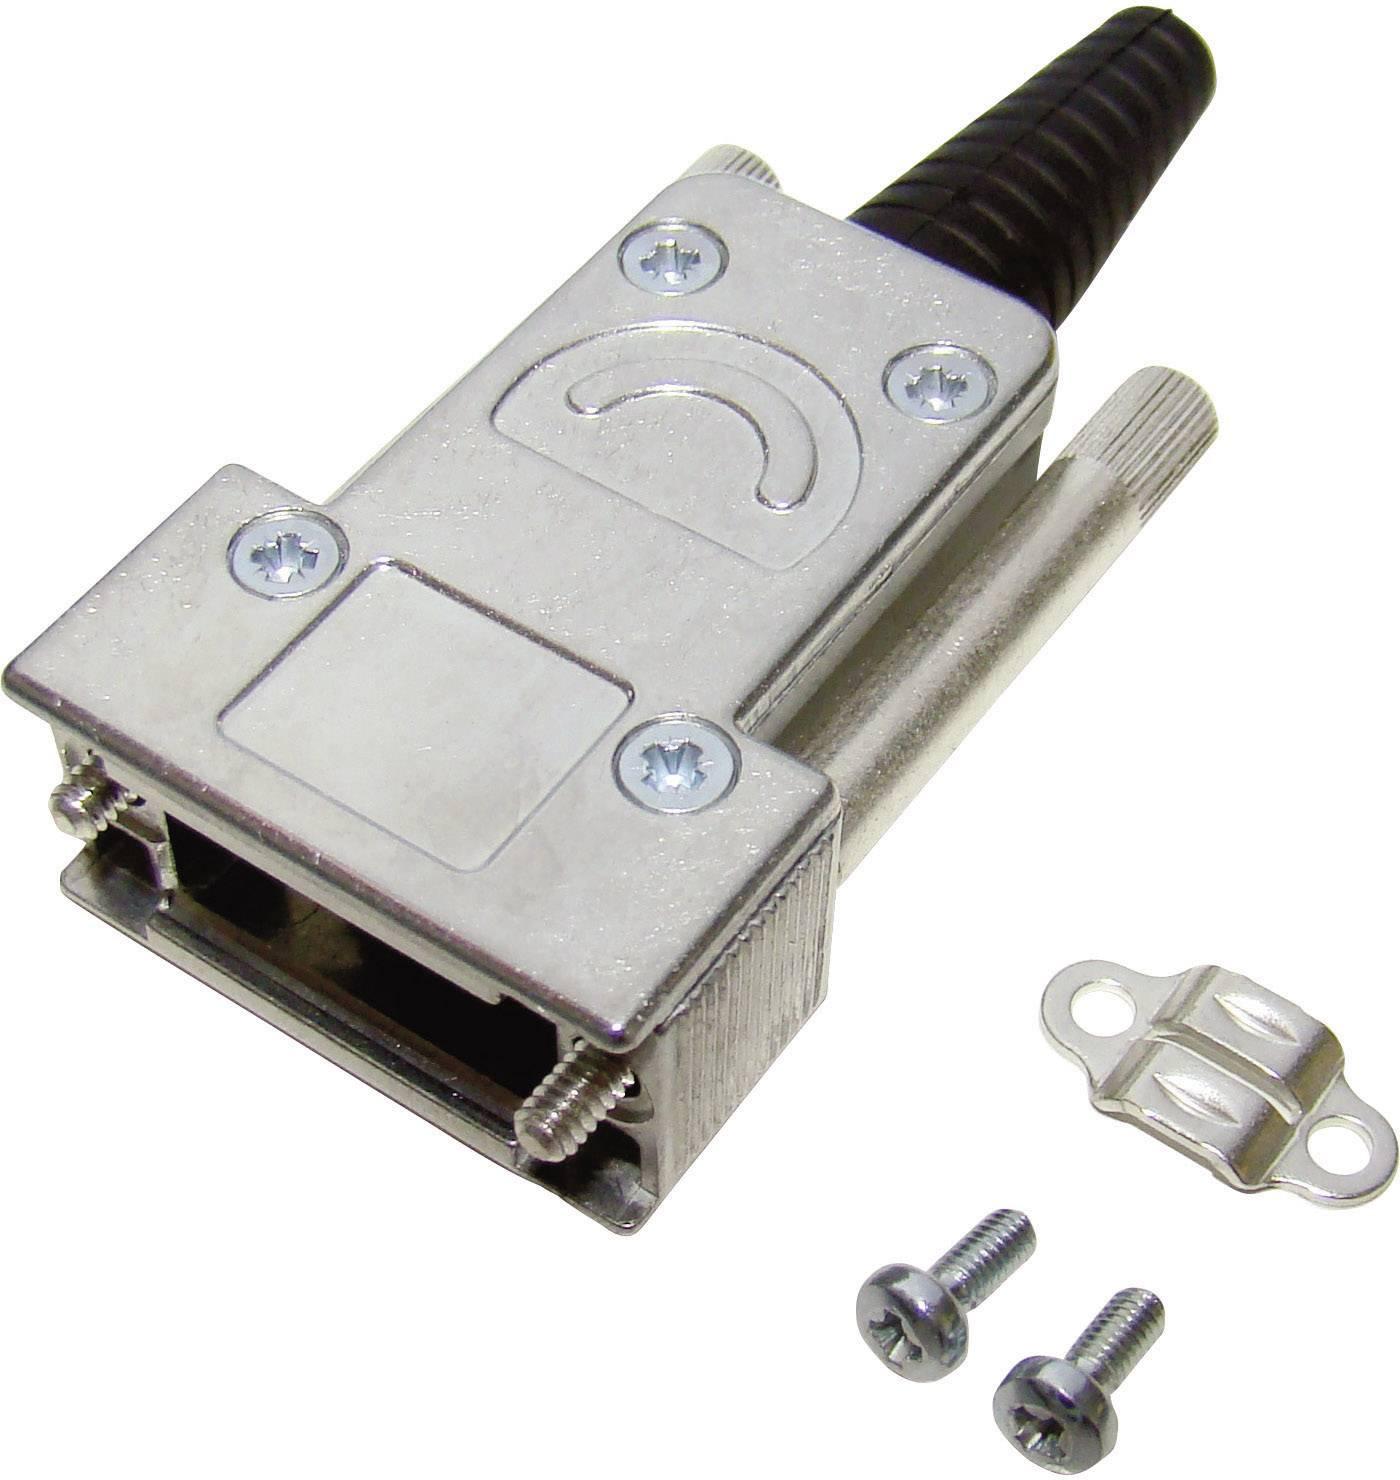 D-SUB pouzdro Provertha 117092DC50101 117092DC50101, pólů 9, kov, 180 °, stříbrná, 1 ks